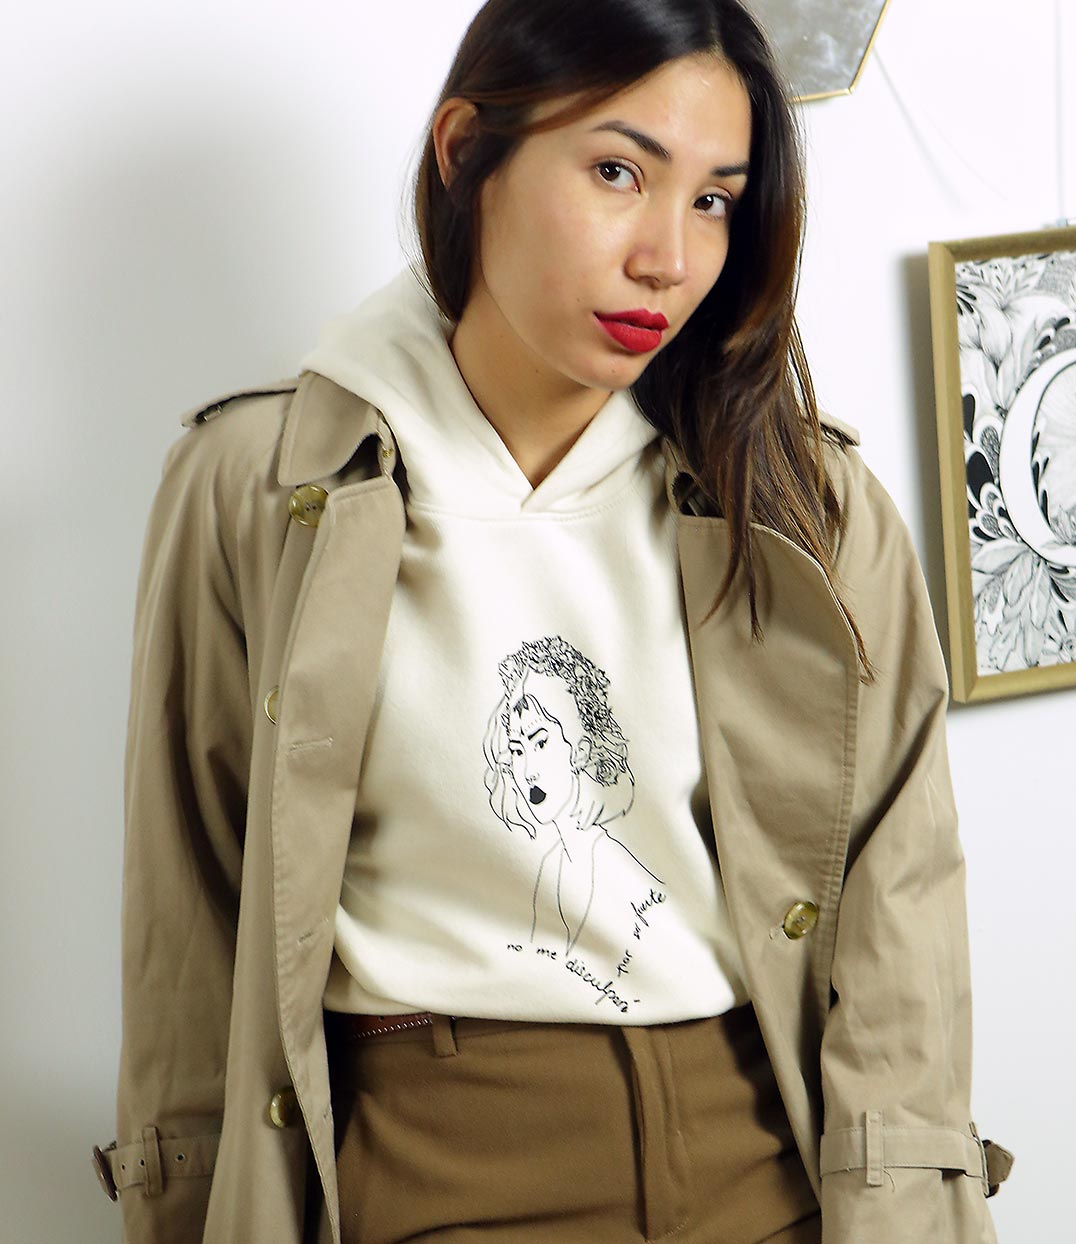 femme portant un sweatshirt creme à capuche et un trenchcoat beige